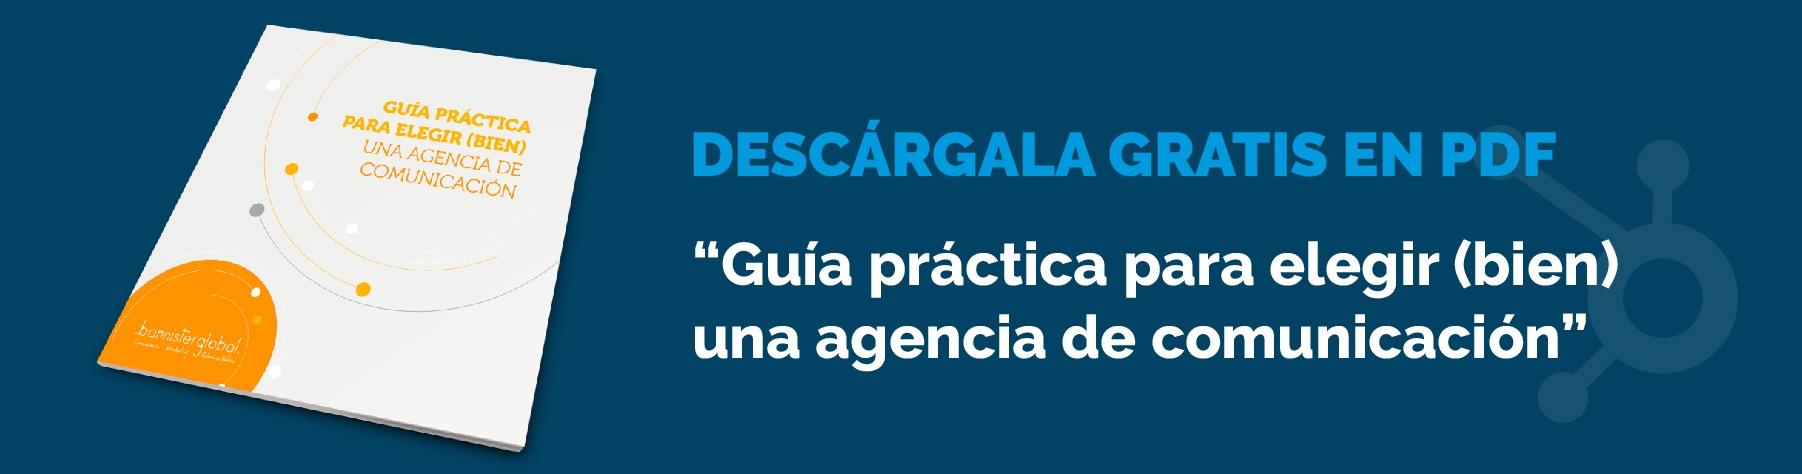 Guía práctica para elegir (bien) una agencia de comunicación